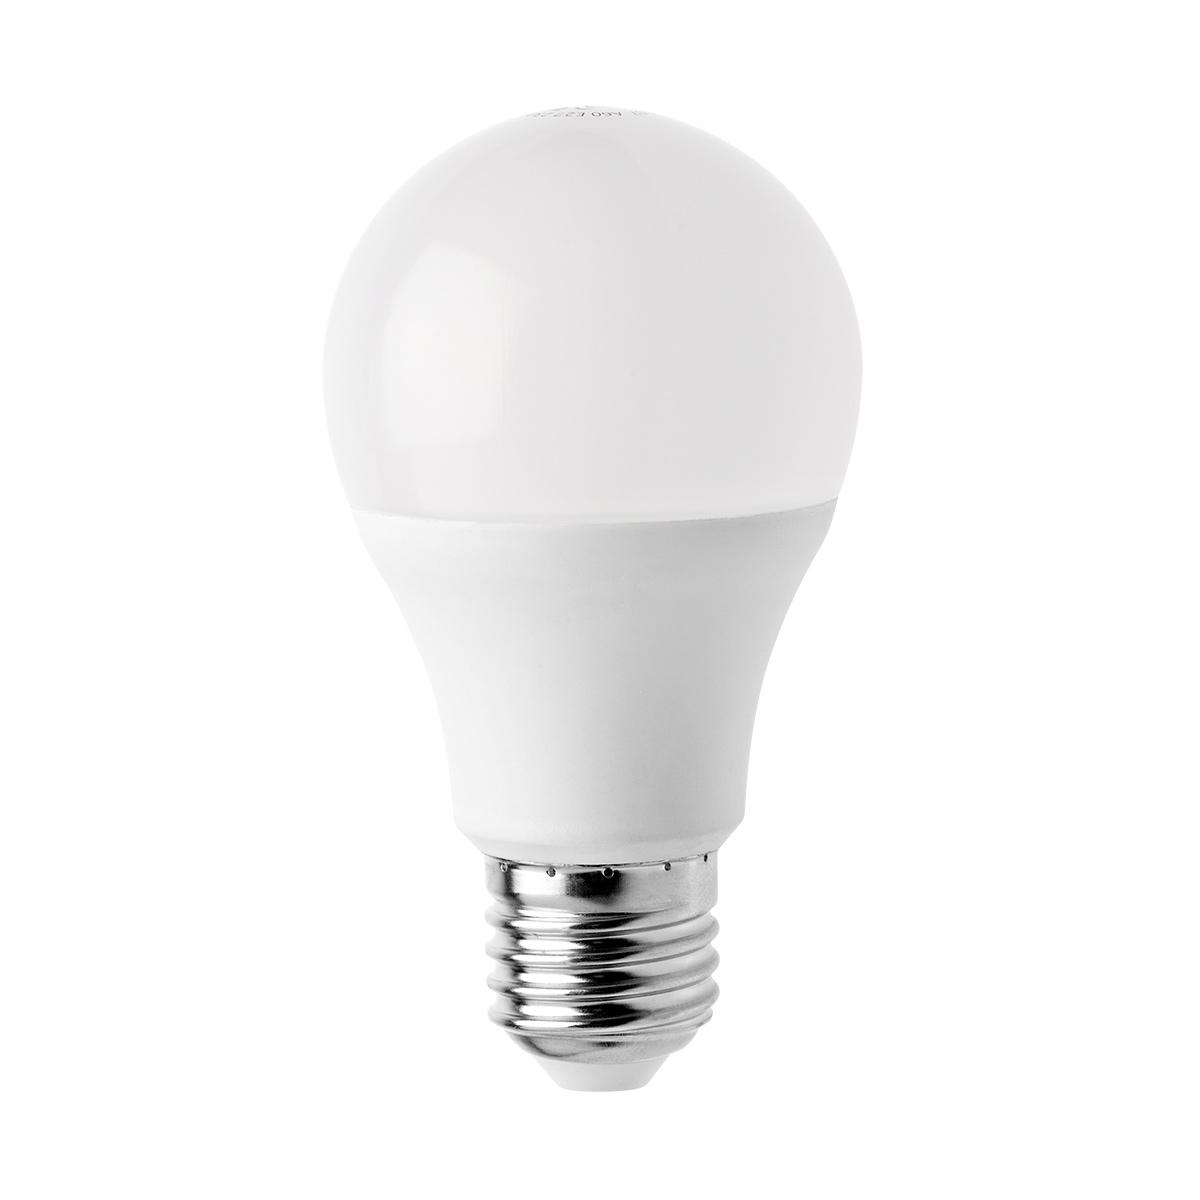 Лампа светодиодная МАЯК A60/e27/10w/3000k лампа светодиодная e27 15w 3300k груша матовая 4690389085819